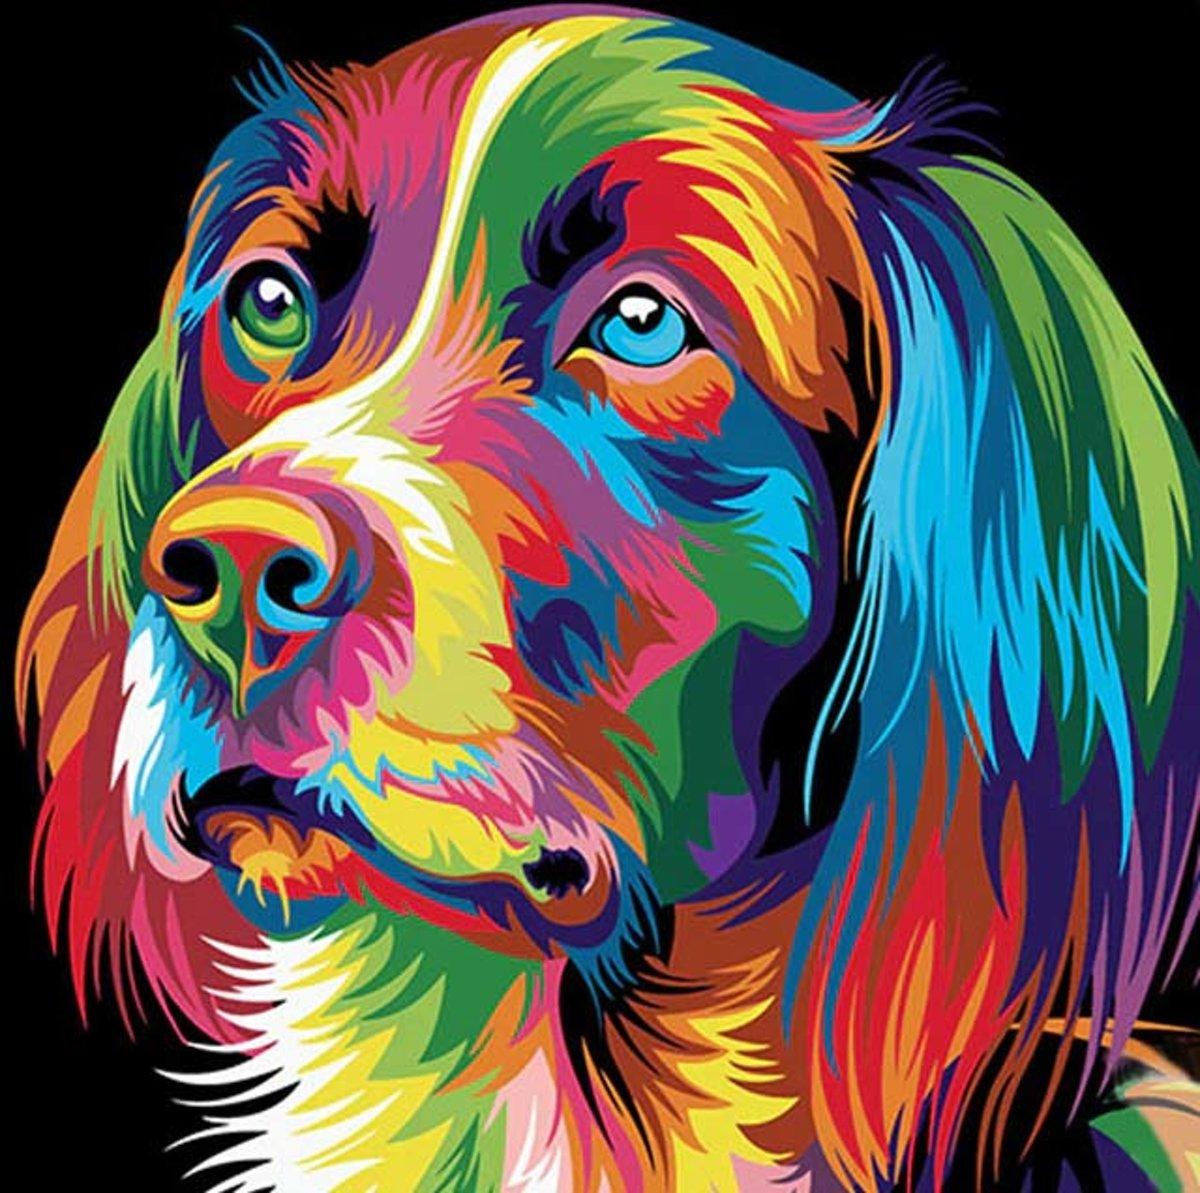 Schilderen op nummer - Gekleurde hond - 40 x 50 centimeter kopen